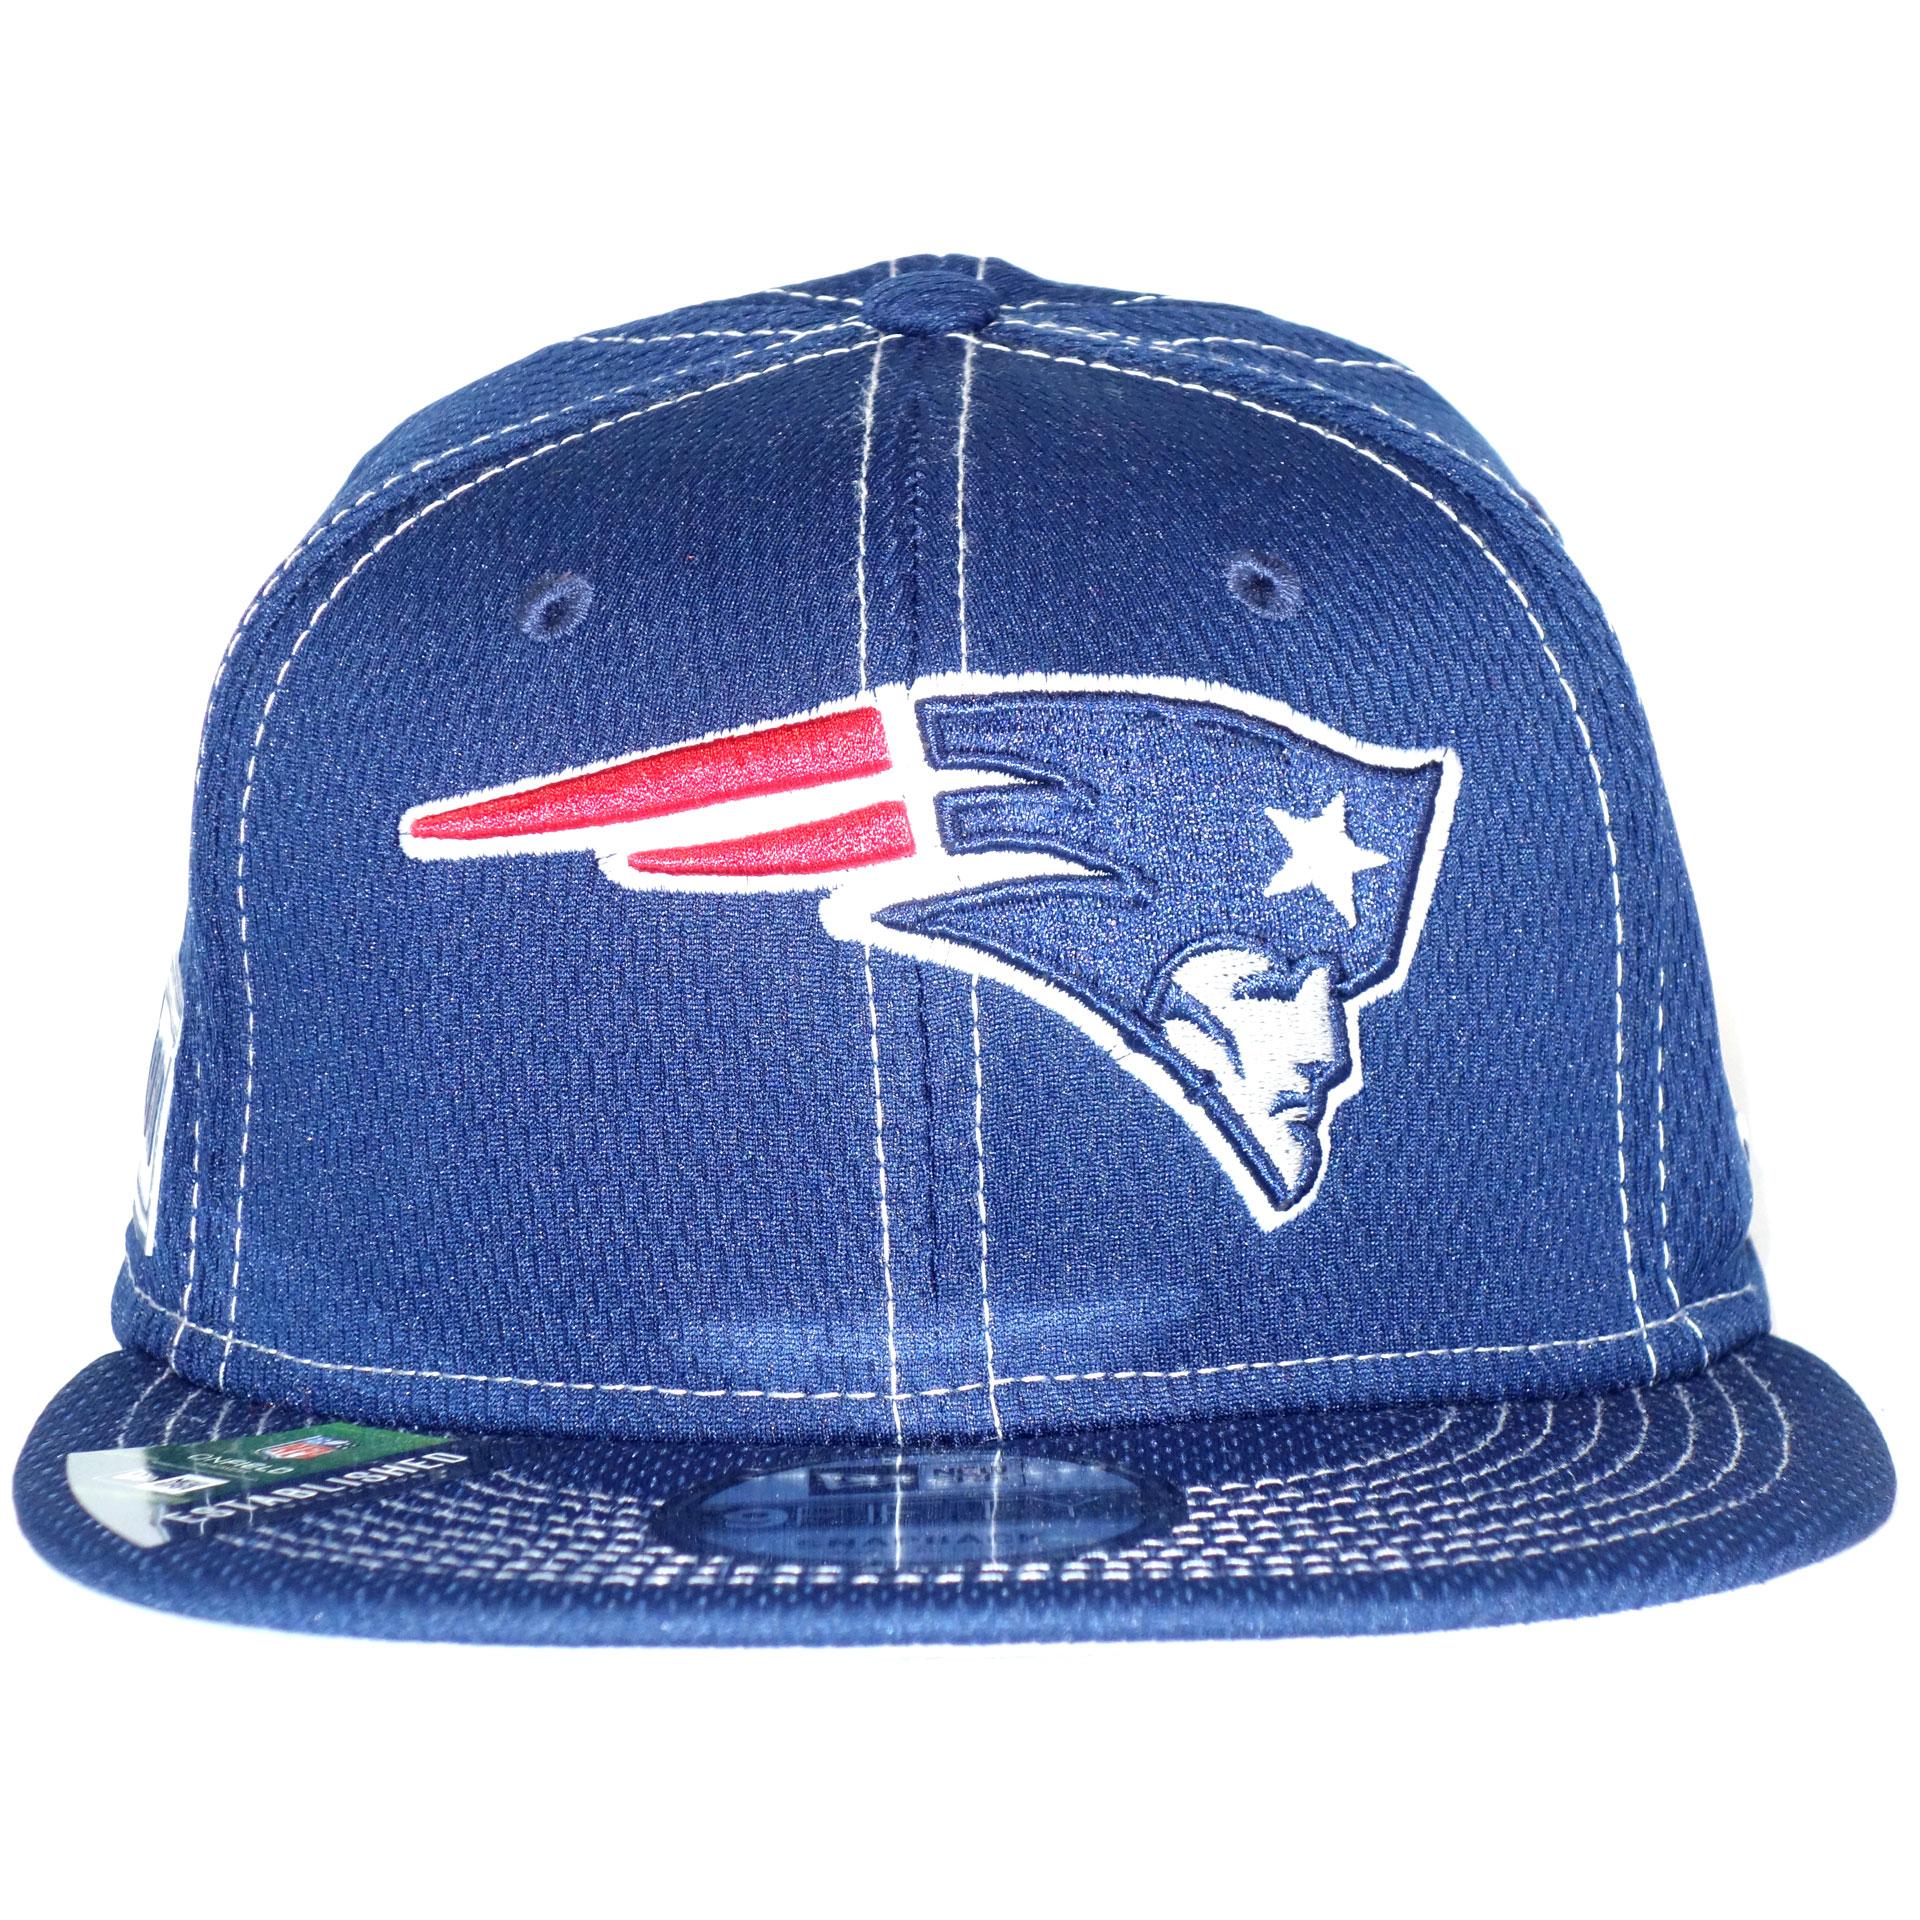 NFL New Era Cap New England Patriots